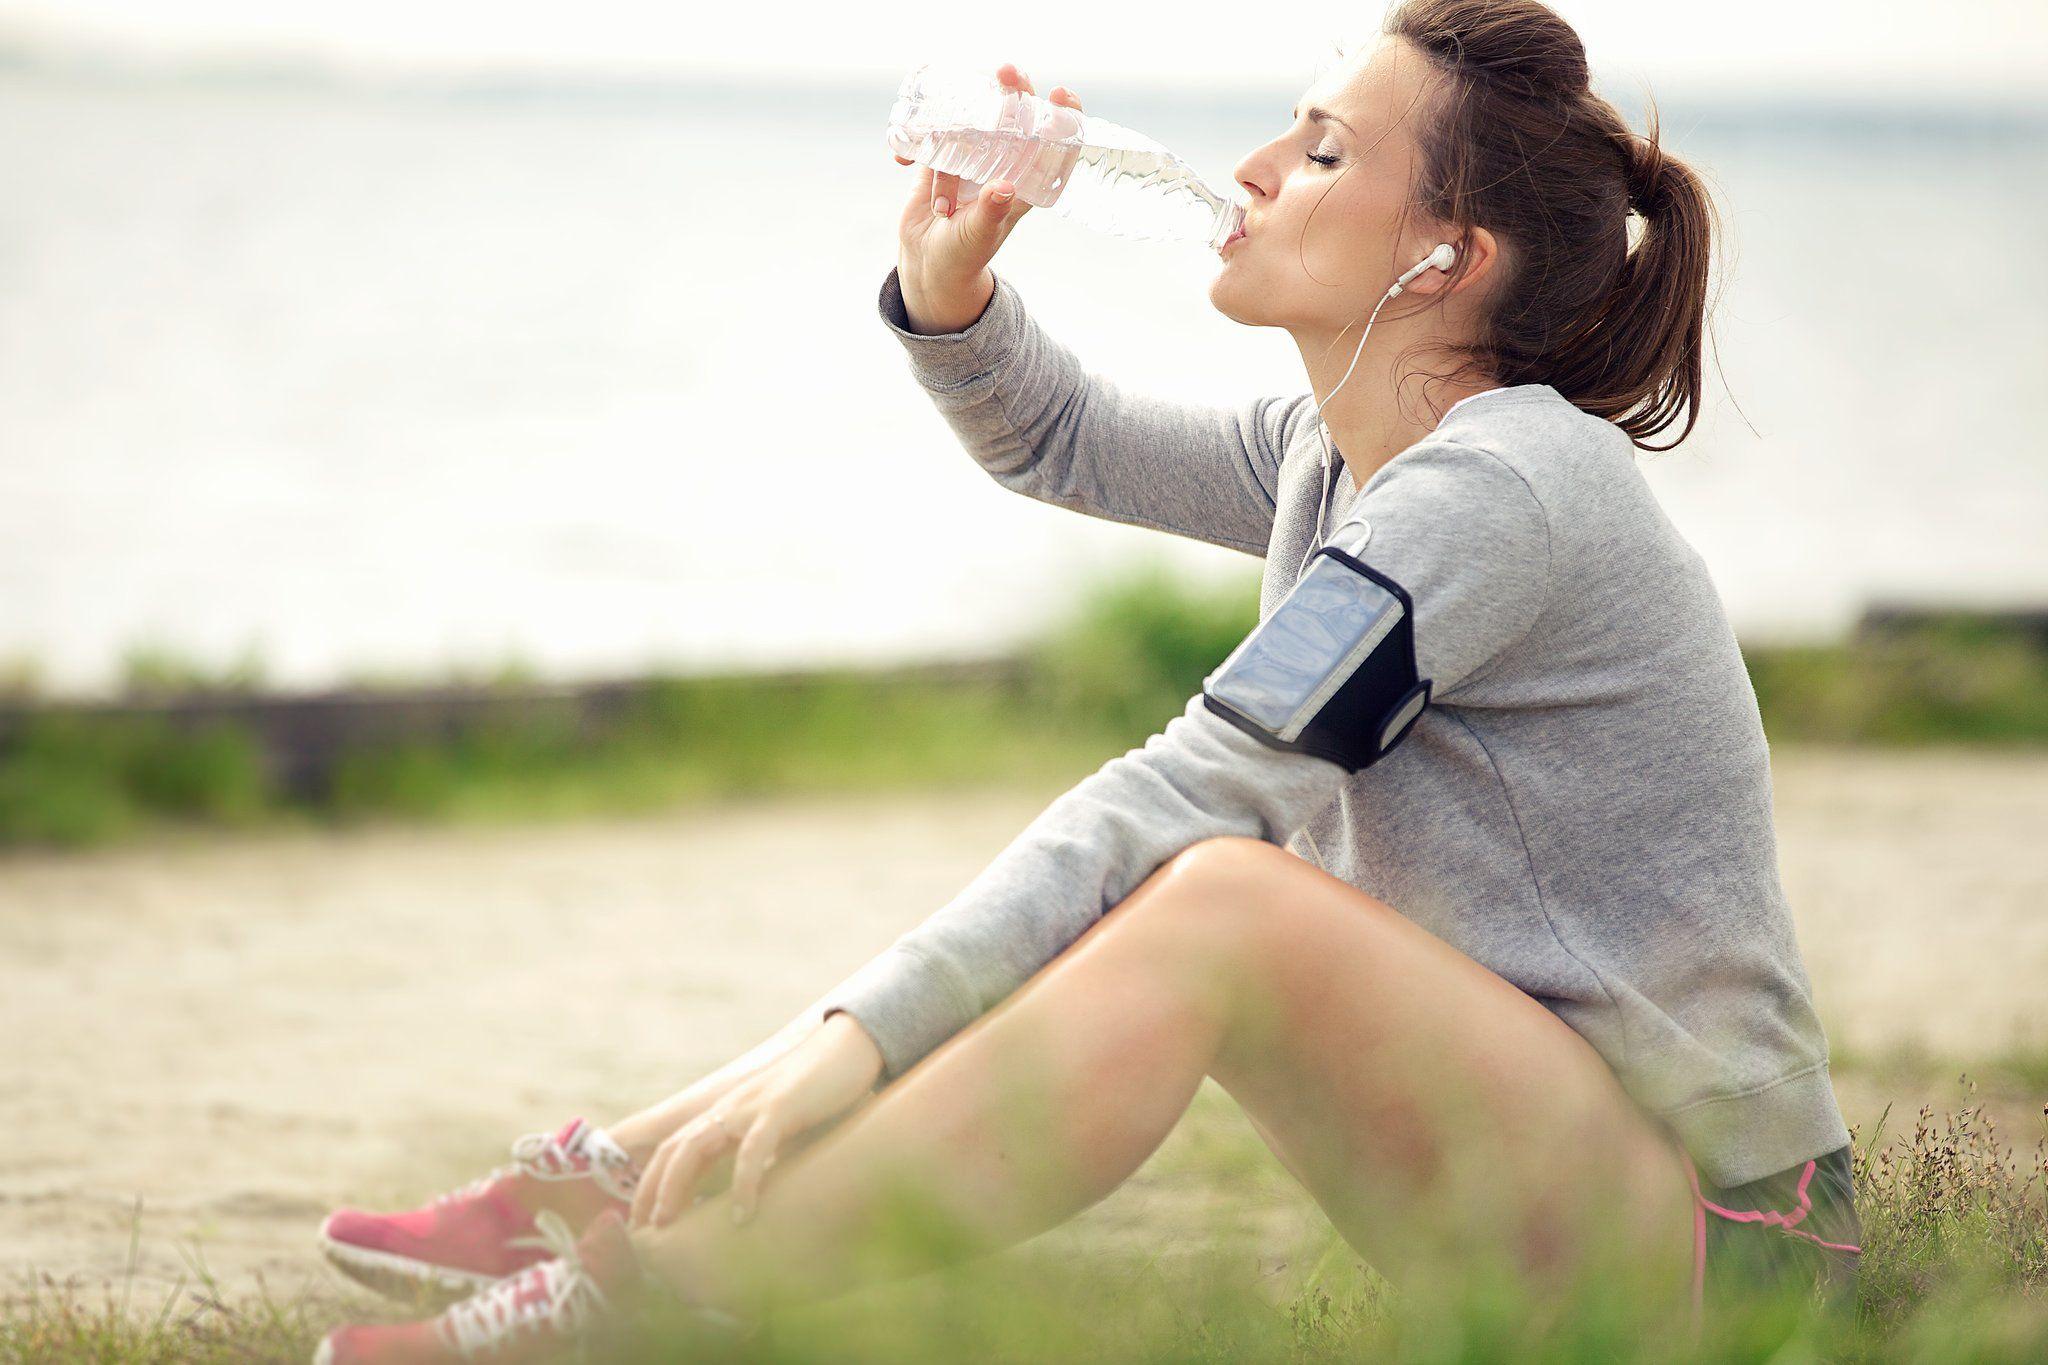 9 dôvodov prečo cvičiť ráno buďte zdravší